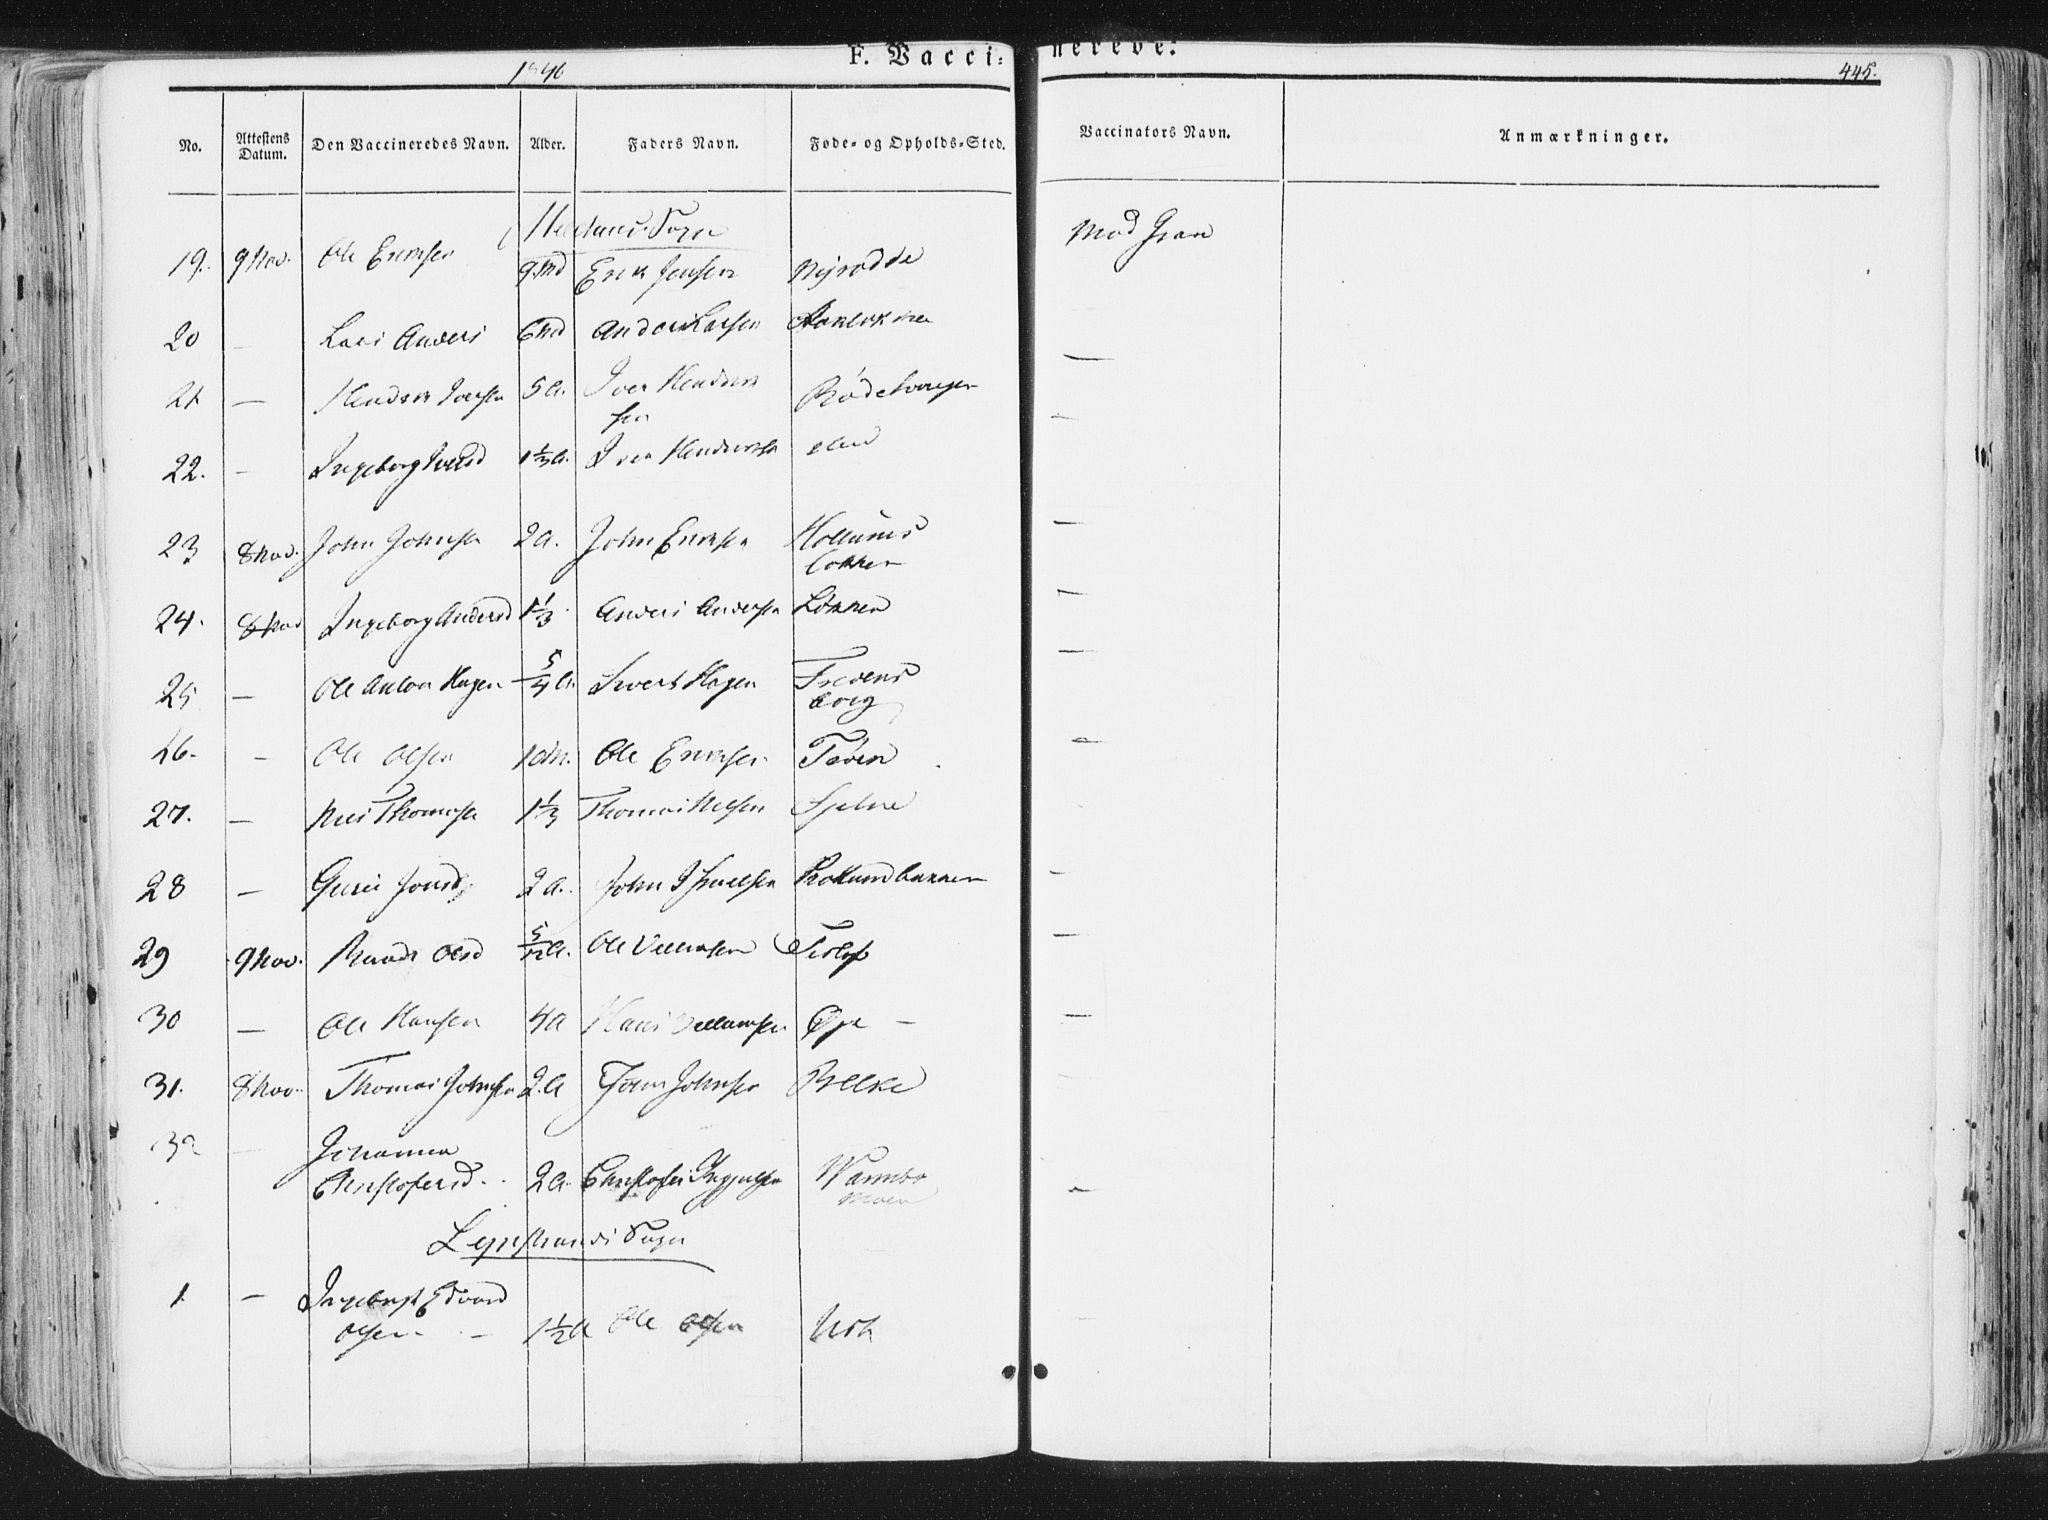 SAT, Ministerialprotokoller, klokkerbøker og fødselsregistre - Sør-Trøndelag, 691/L1074: Ministerialbok nr. 691A06, 1842-1852, s. 445